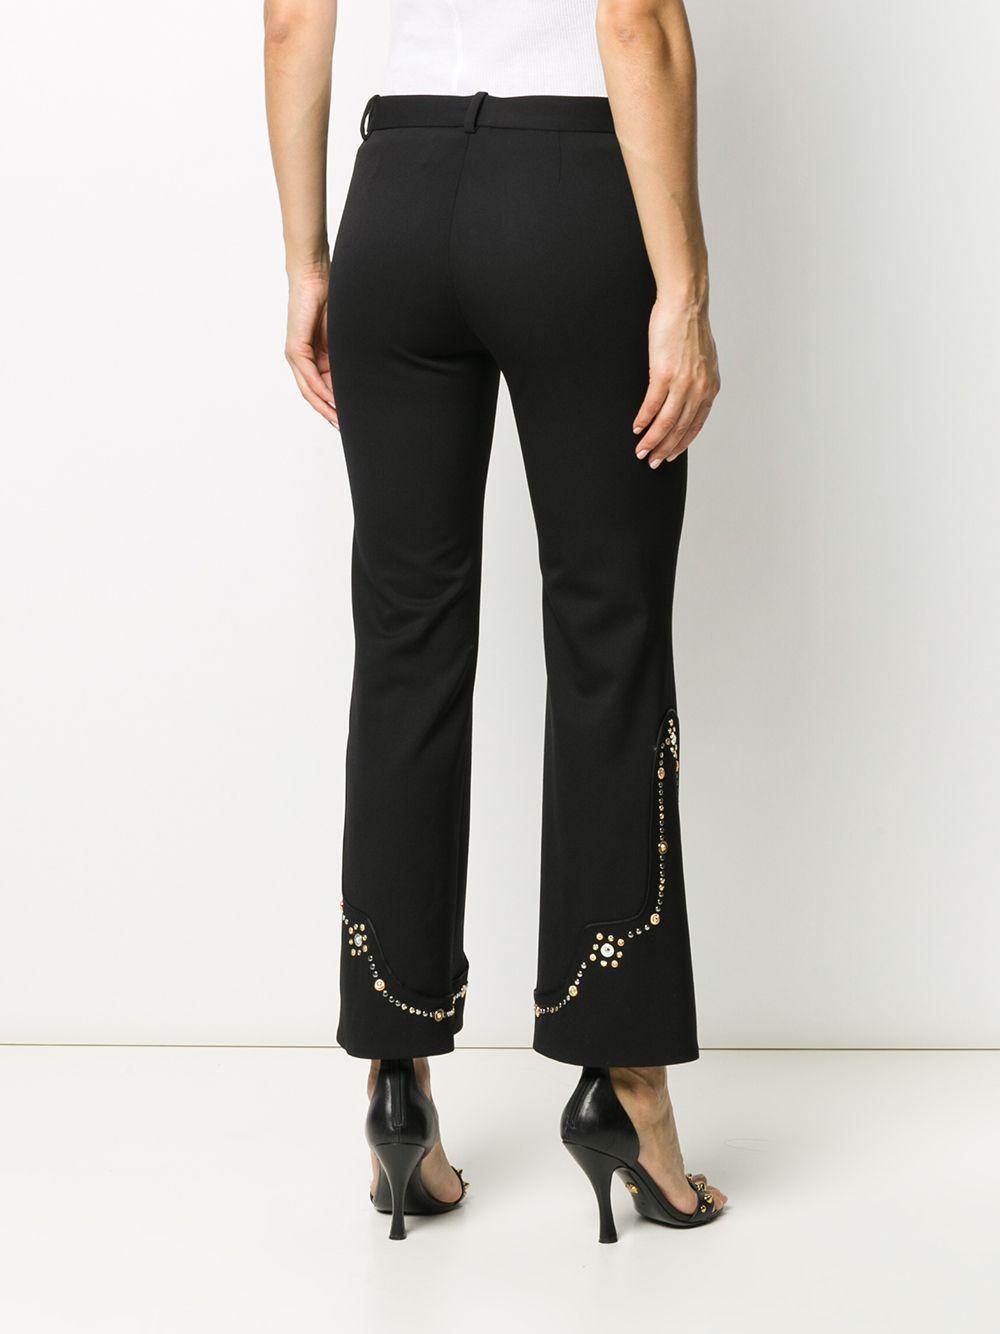 Pantalones acampanados con detalles Versace de Lana de color Negro